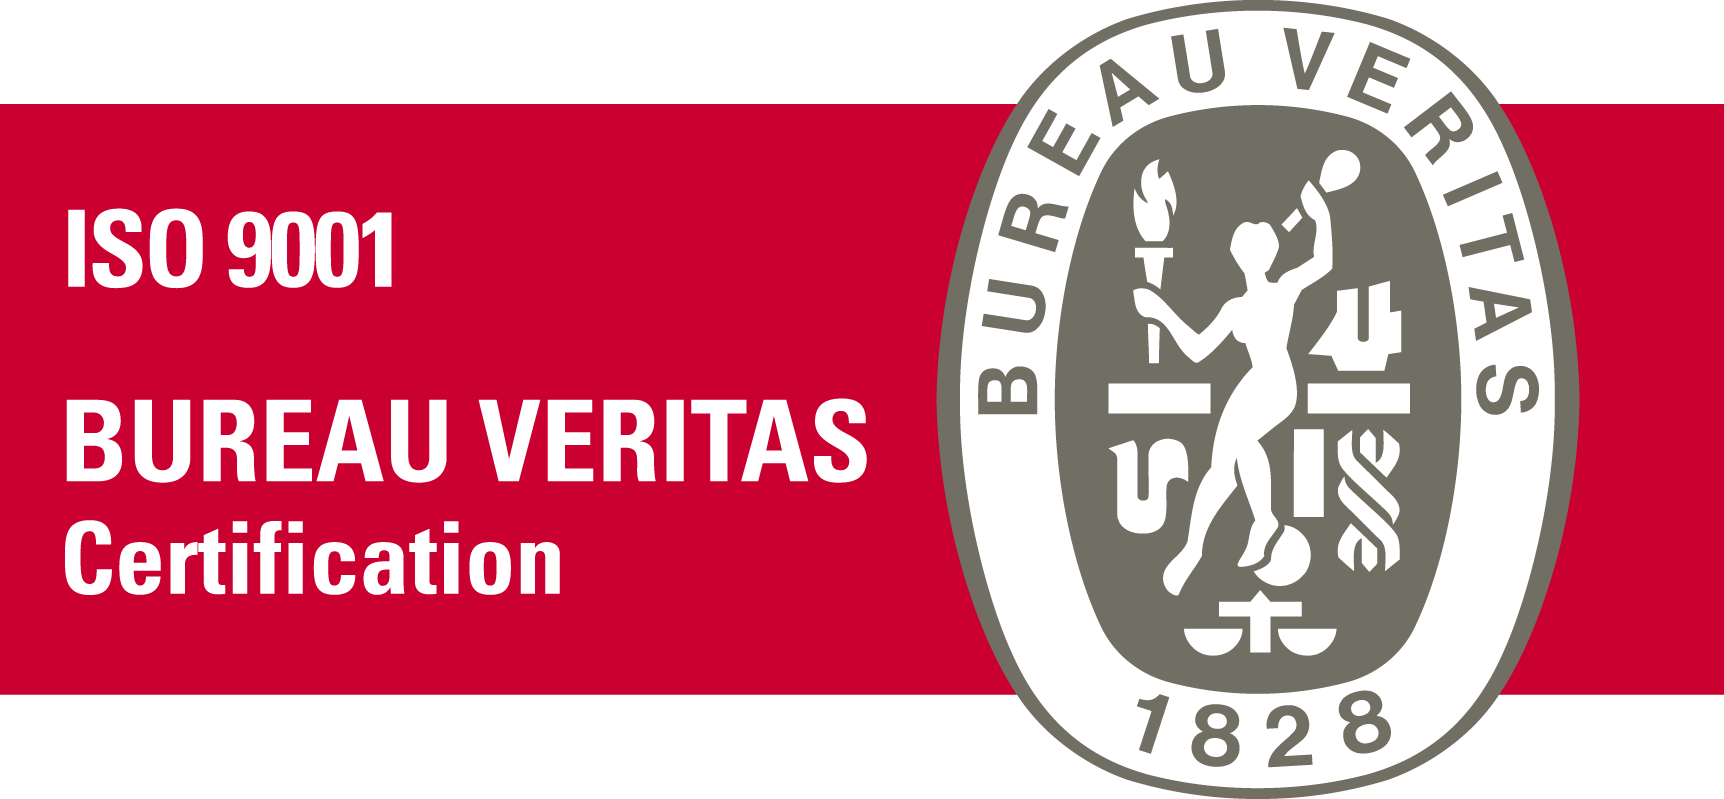 BV_certification_9001_tracciati